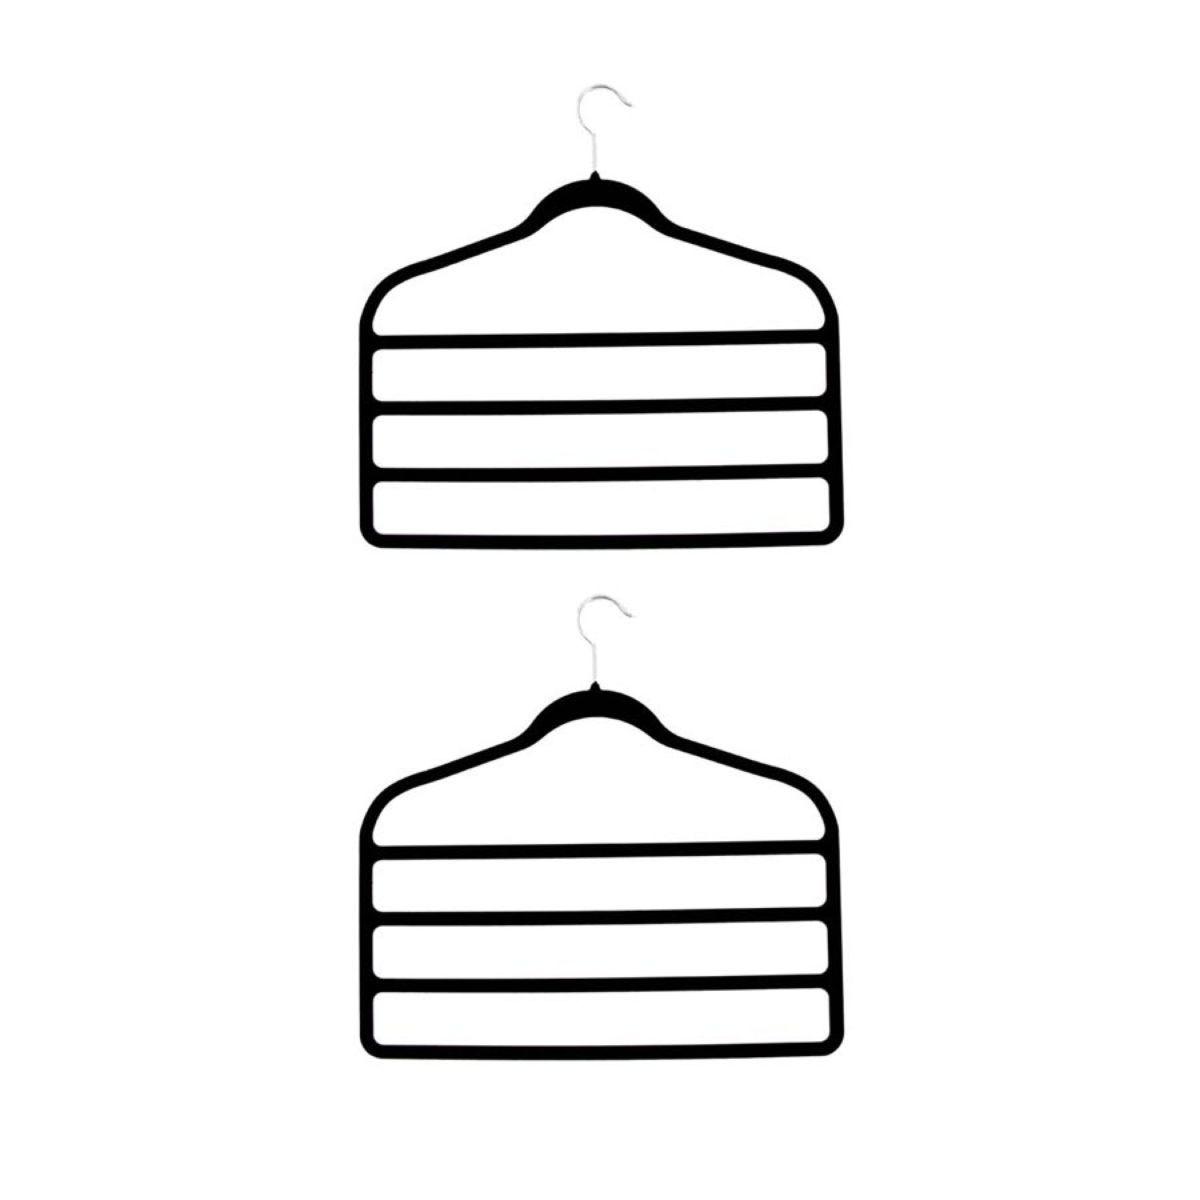 H&L Russel Black Velvet Trouser Hanger - 2 Pack